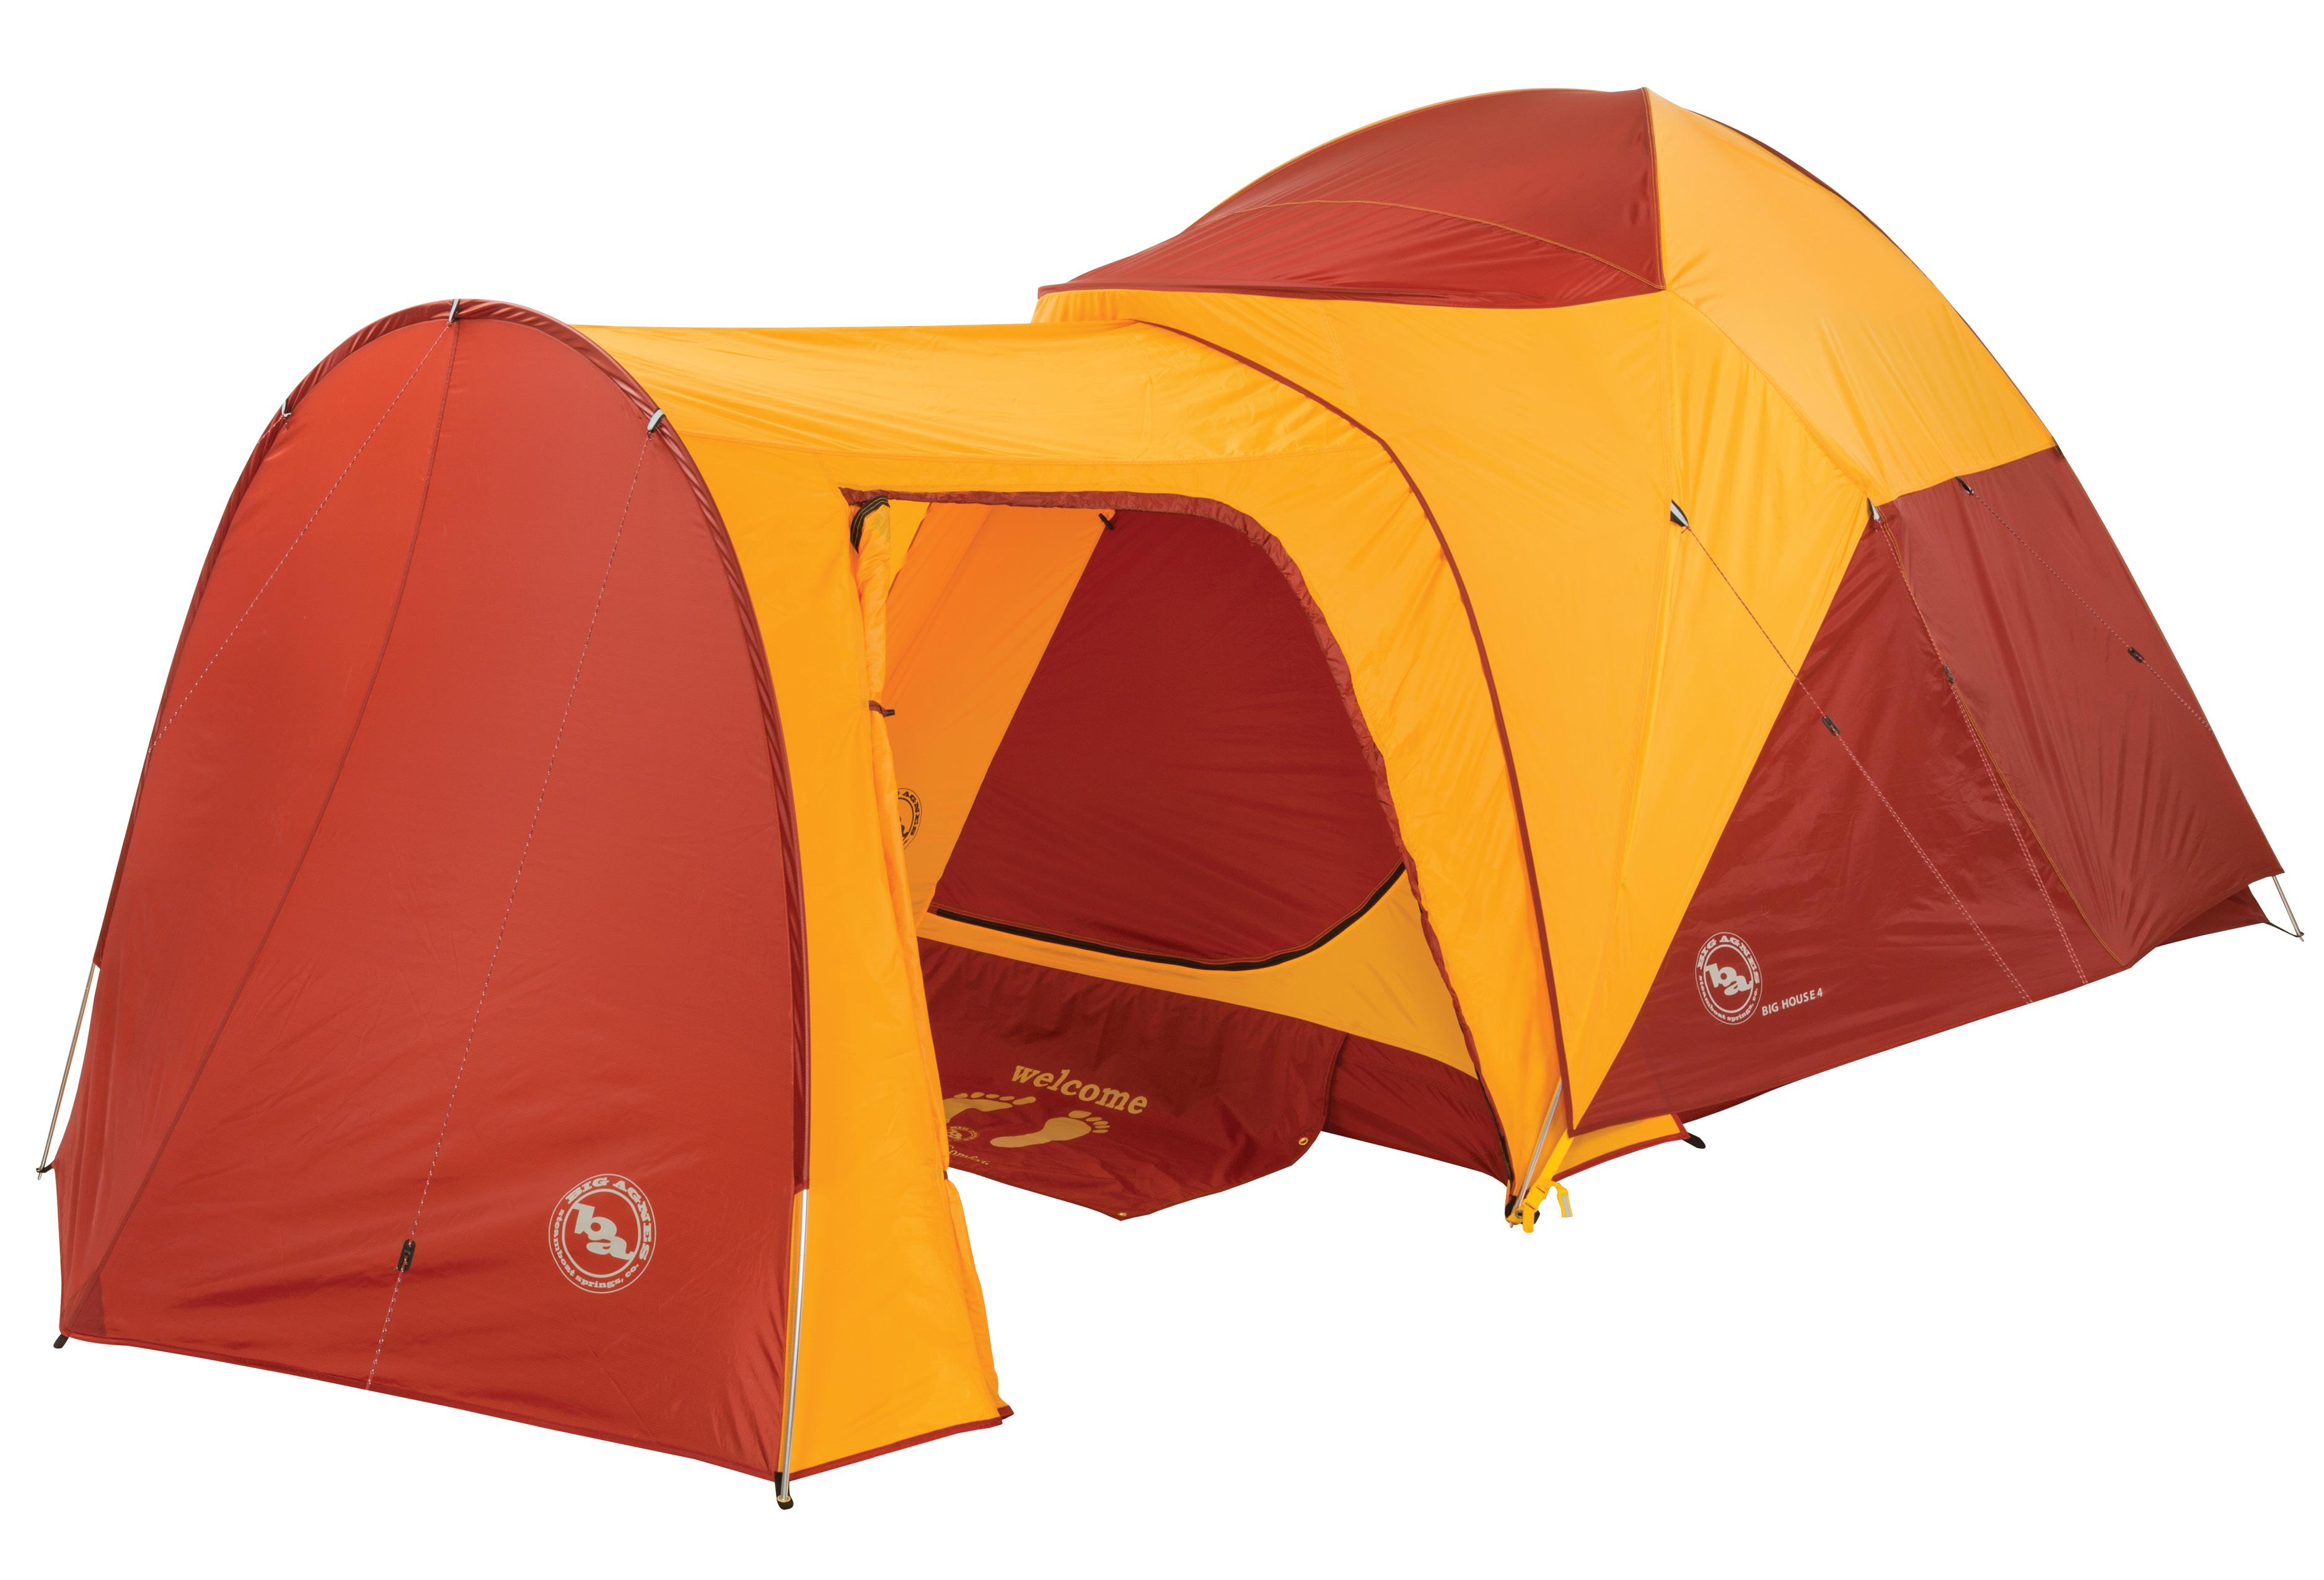 Big-Agnes-Big-House-4-Person-Tent  sc 1 st  eBay & Big Agnes Big House 4 Person Tent | eBay